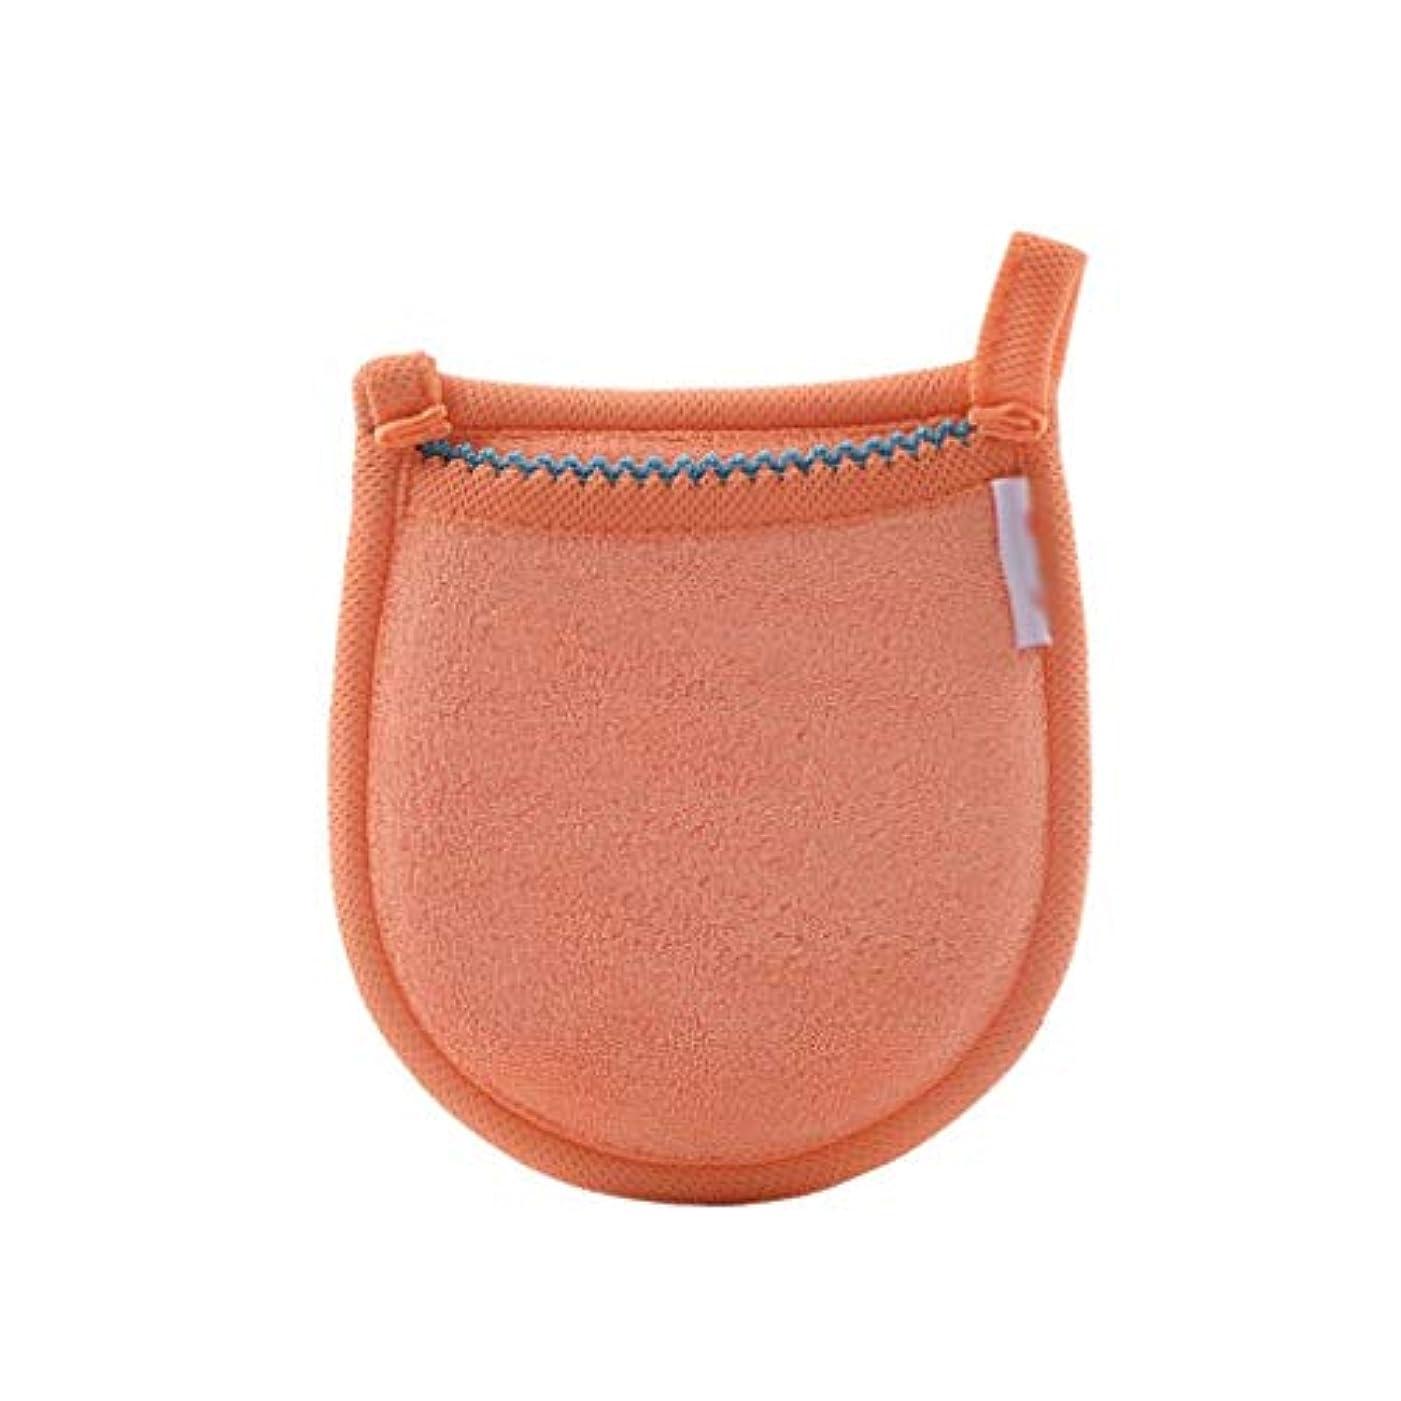 洗練沿って研磨剤1ピースフェイシャル竹炭スポンジフェイスメイク落とし美容再利用可能なフェイスタオルクリーニンググローブ洗濯メイクアップツール (Color : Orange)